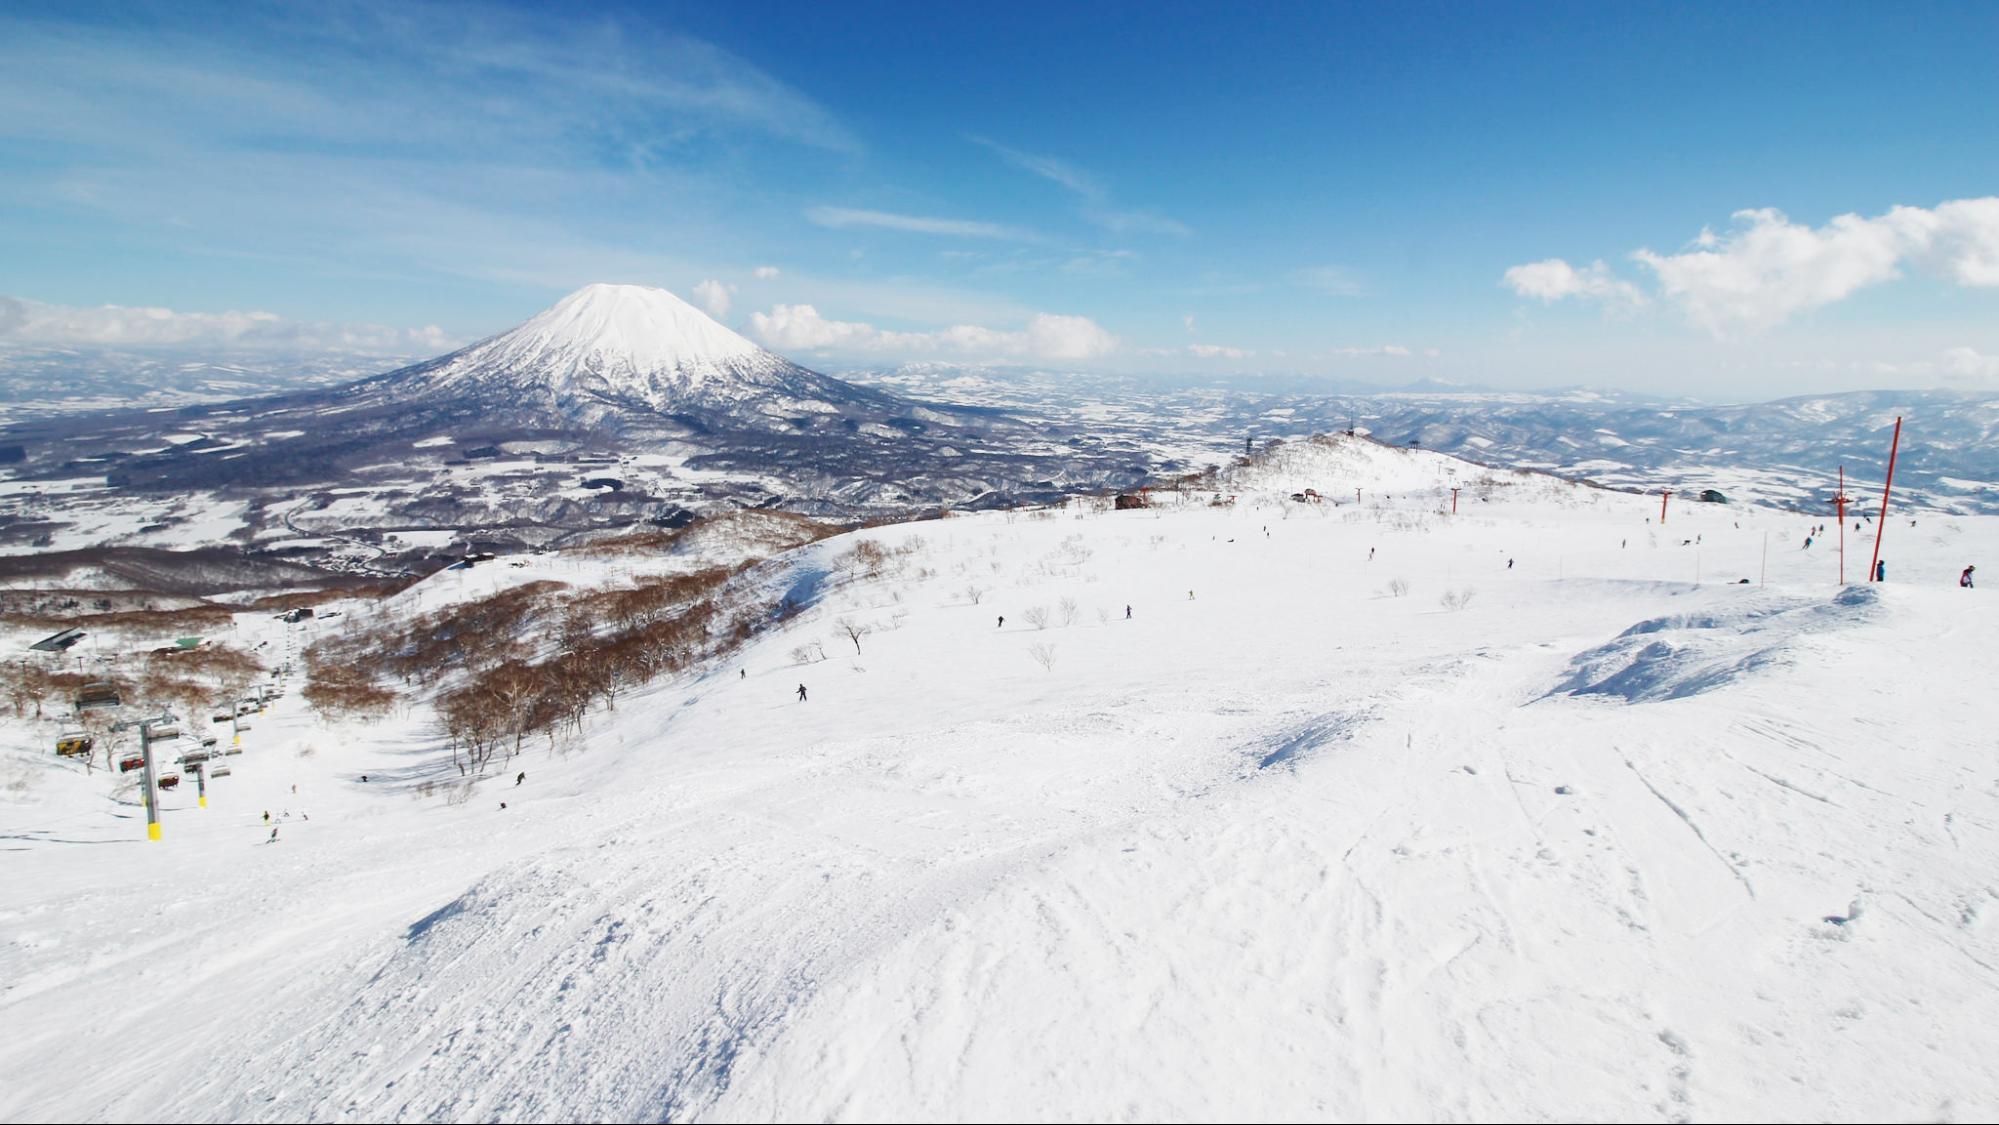 Paket Tour Ke Jepang 3 Hari 2 Malam Januari Musim Dingin (Winter) 2019